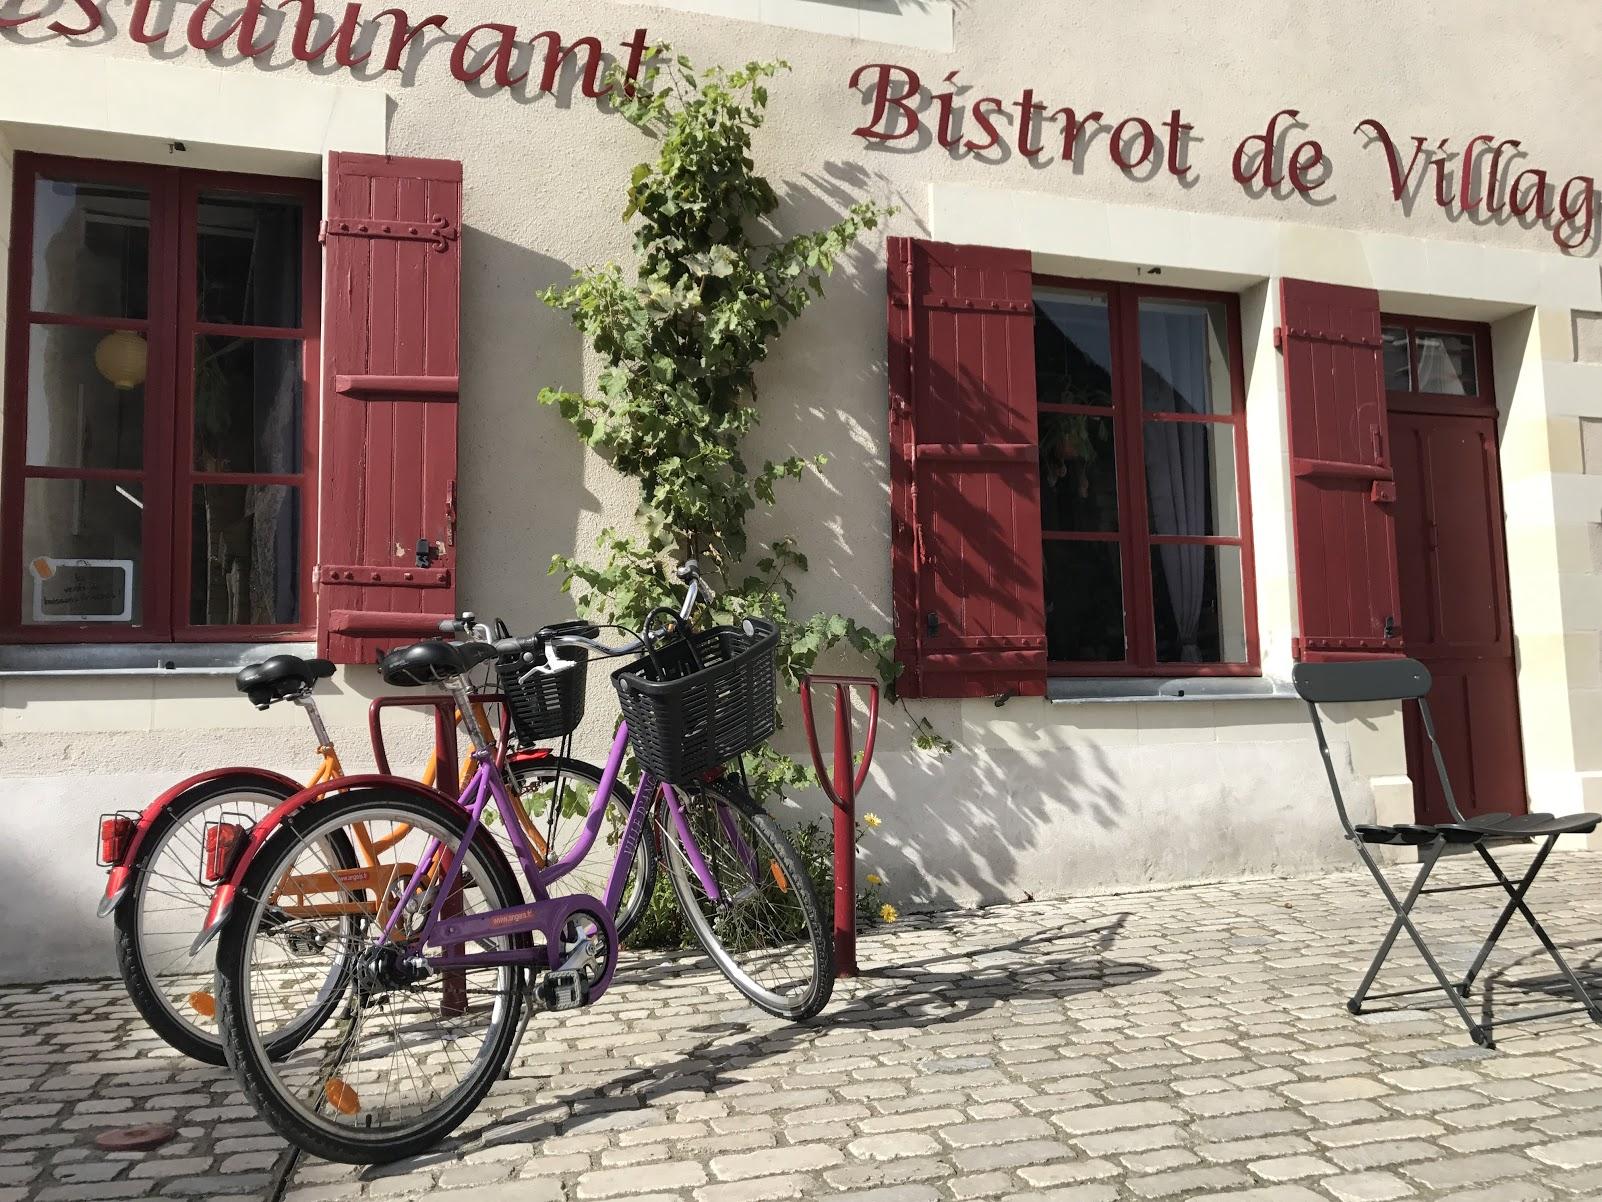 vakantie in het Loiredal fietsen door de wijngaarden